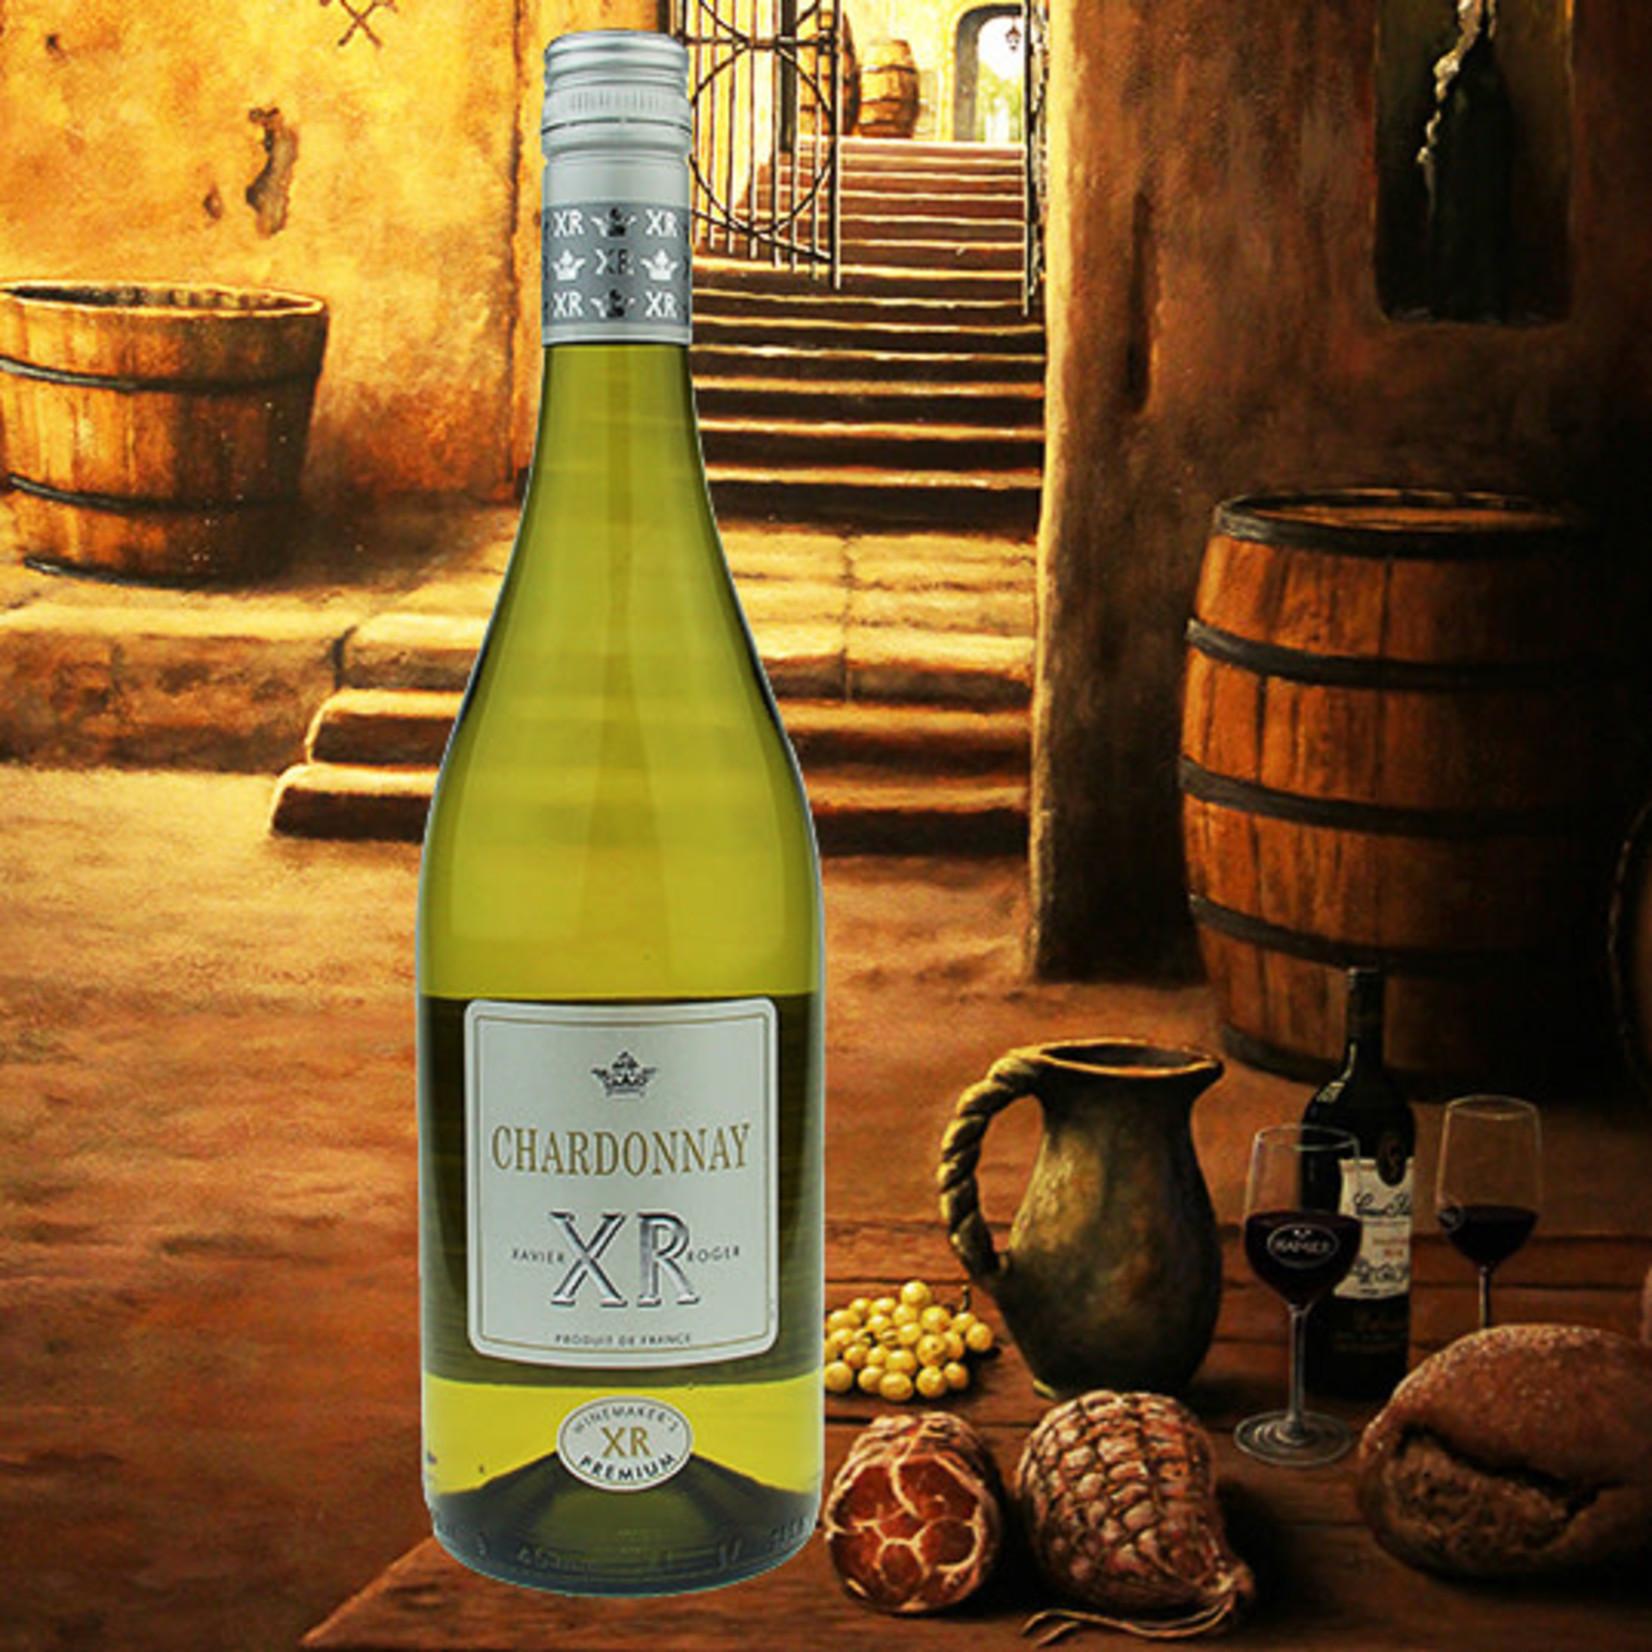 XR XR Chardonnay